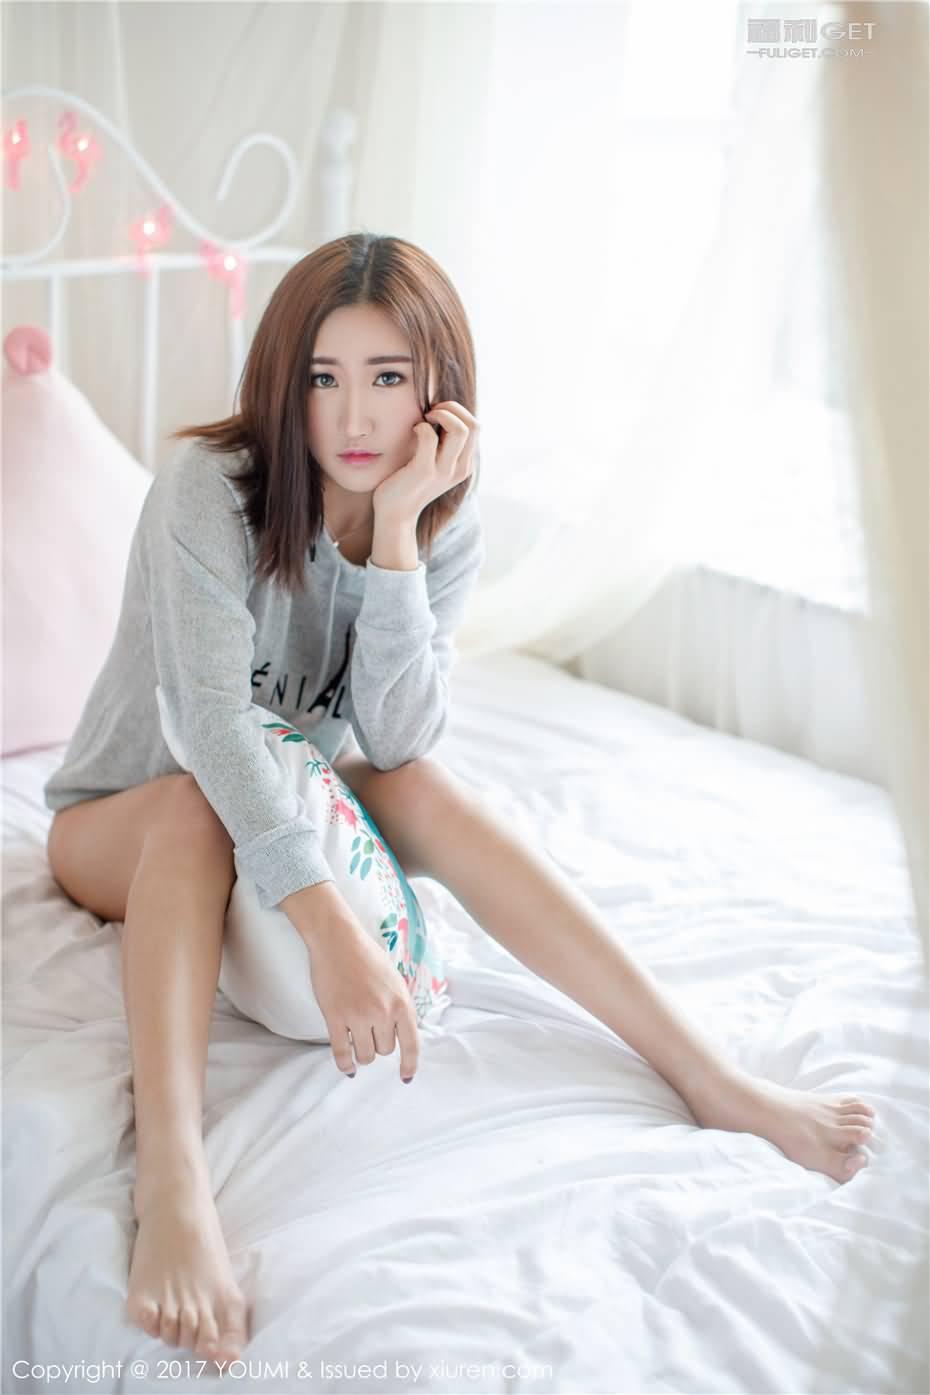 fuliget.com 2017 05 02 20 48 38 546 - [YouMi尤蜜荟] Vol.026 周琰琳LIN 2017.03.22 [49P/122MB]